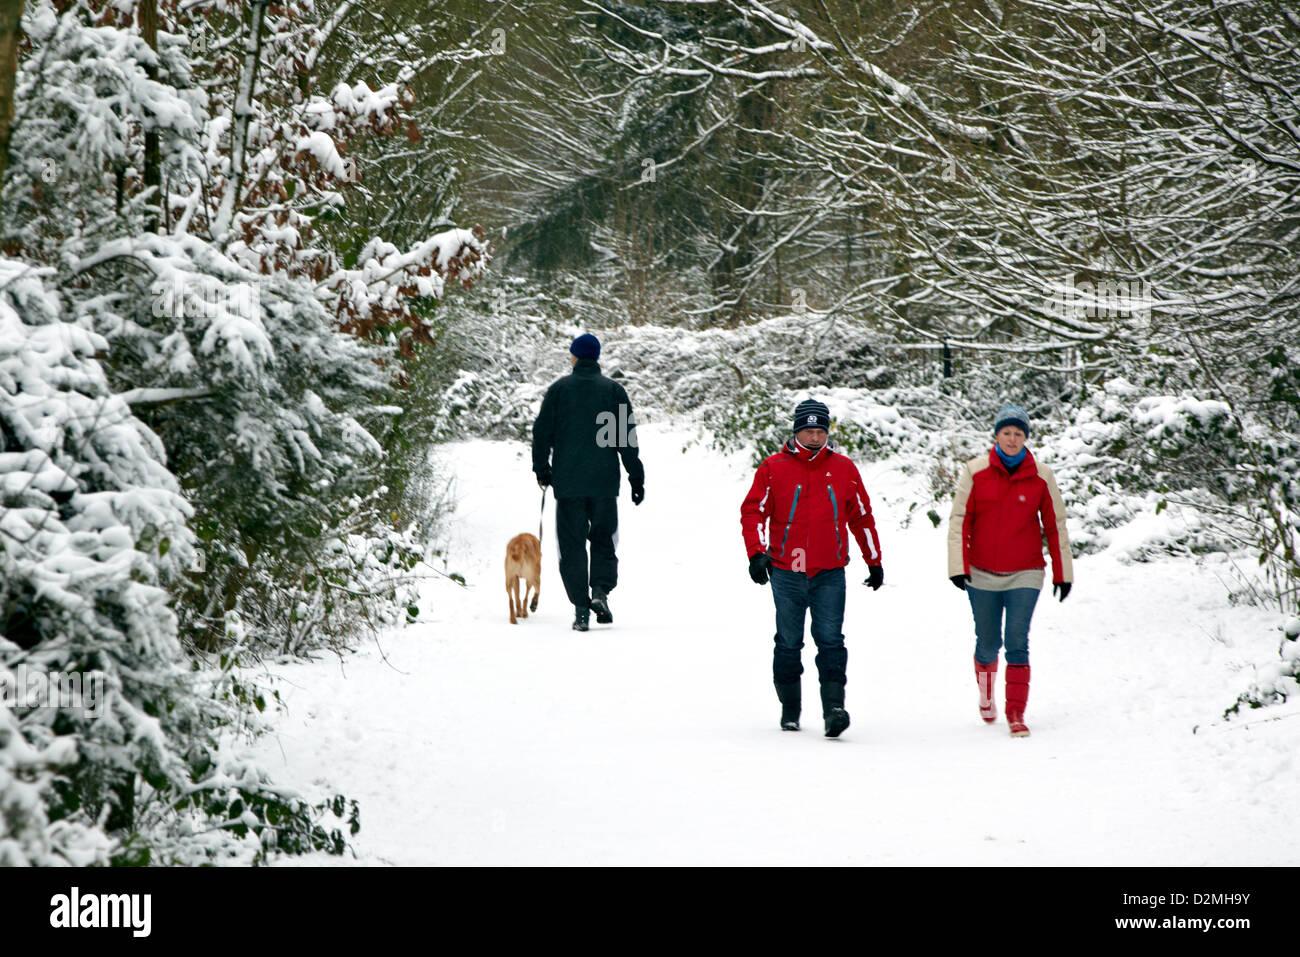 Winter On Hampstead Heath London UK - Stock Image